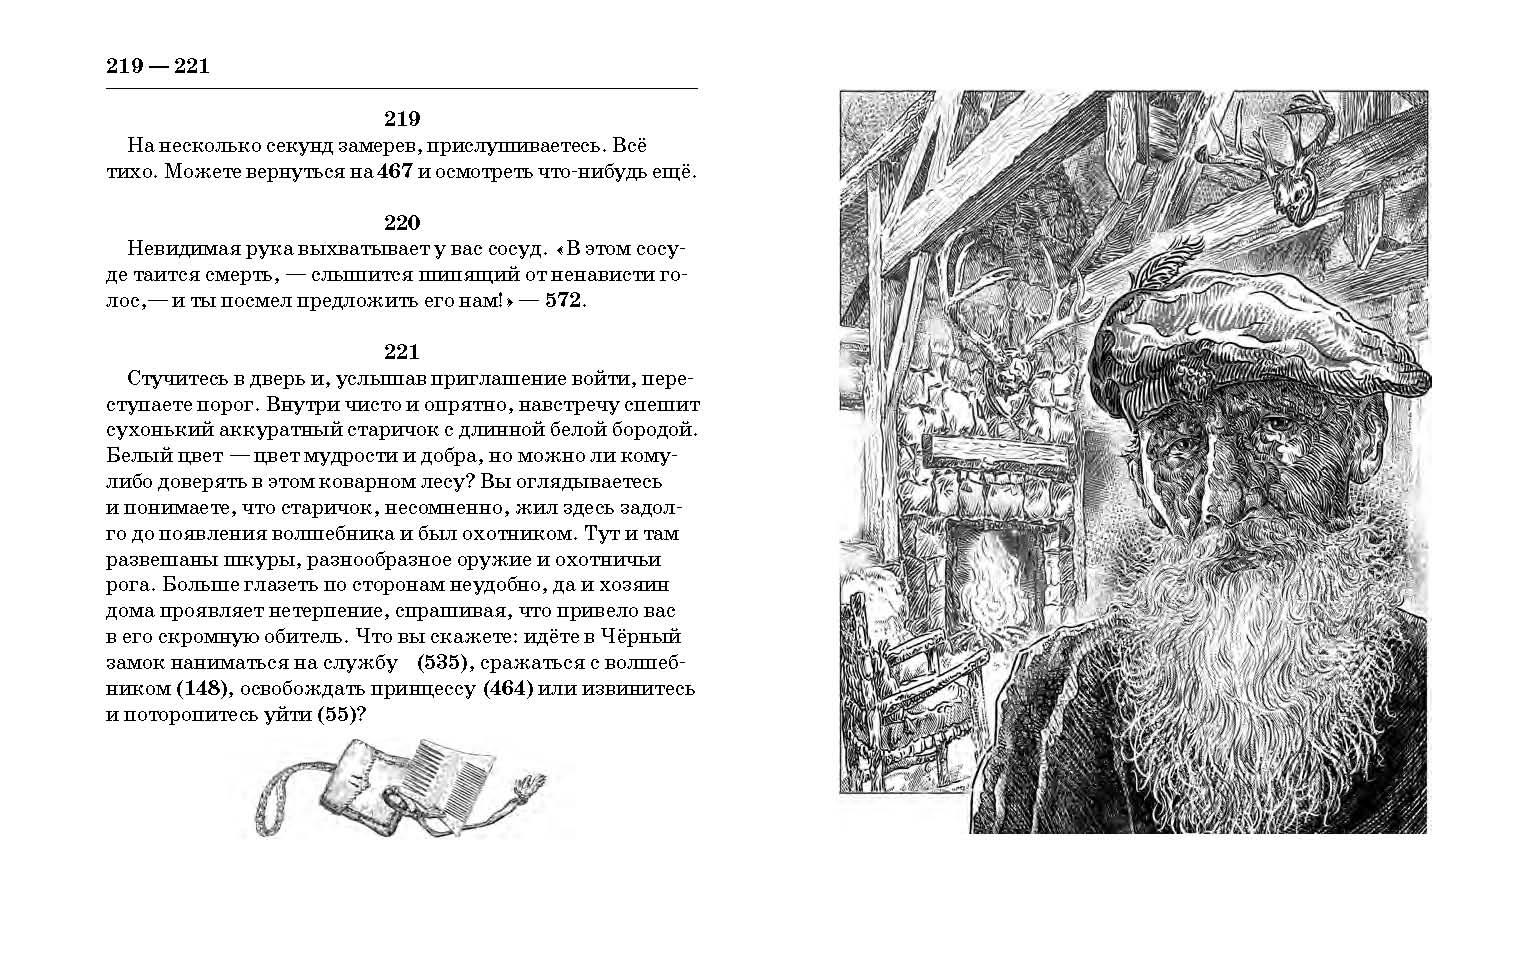 Браславский дмитрий книги скачать бесплатно